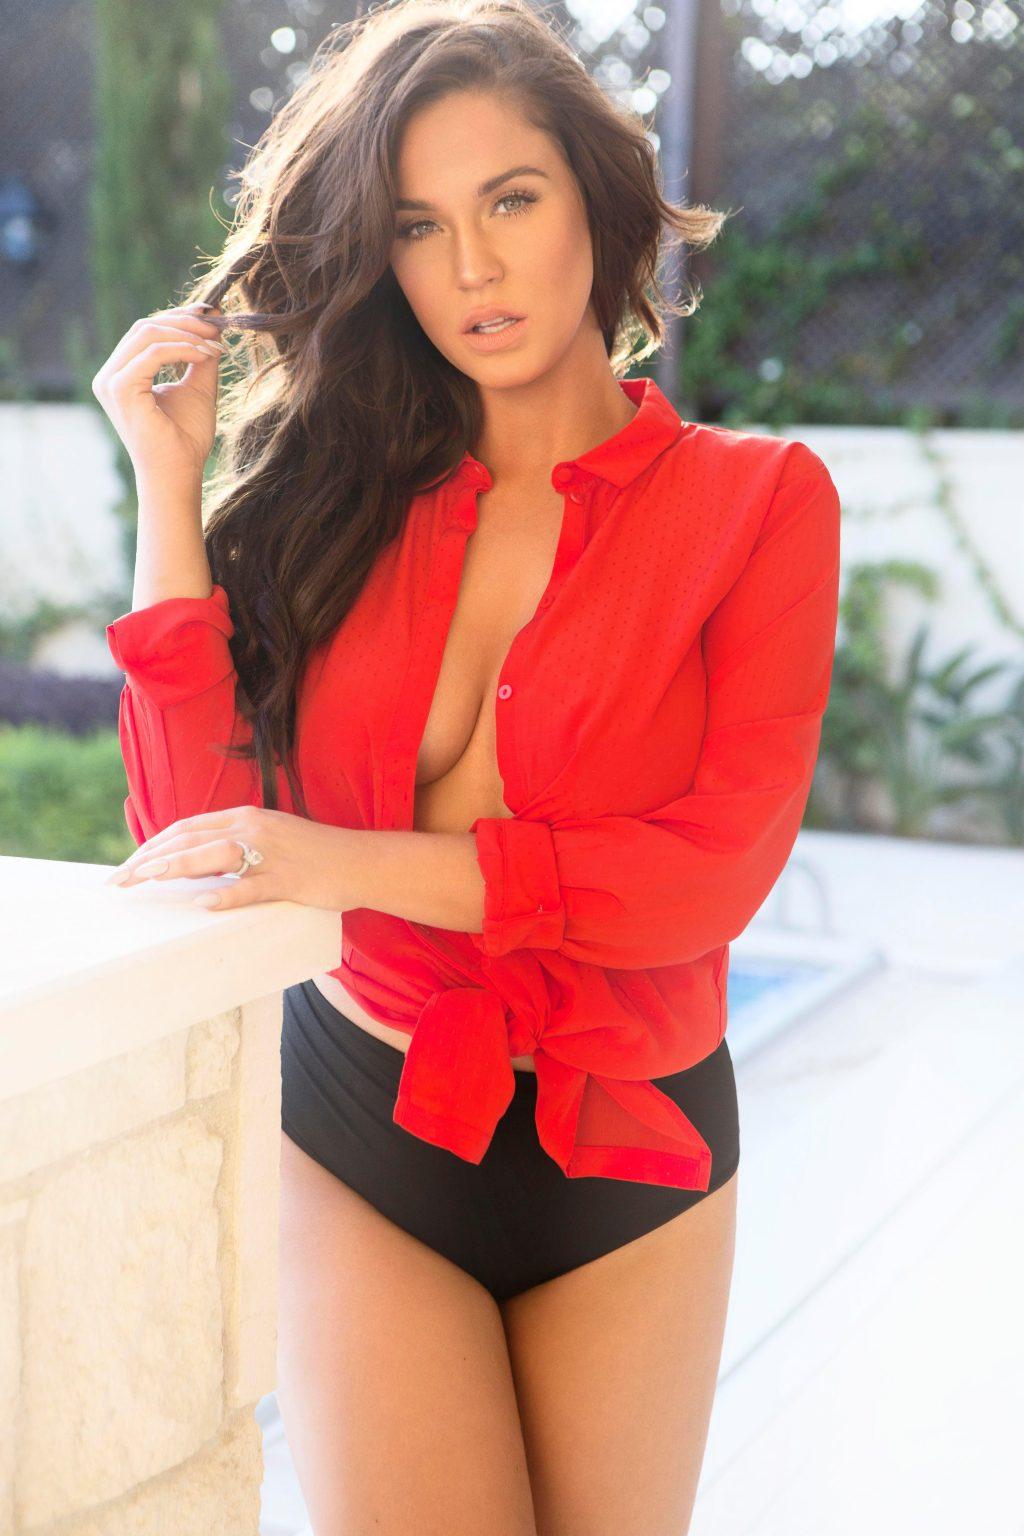 Vicky Pattison Sexy (1 Photo)